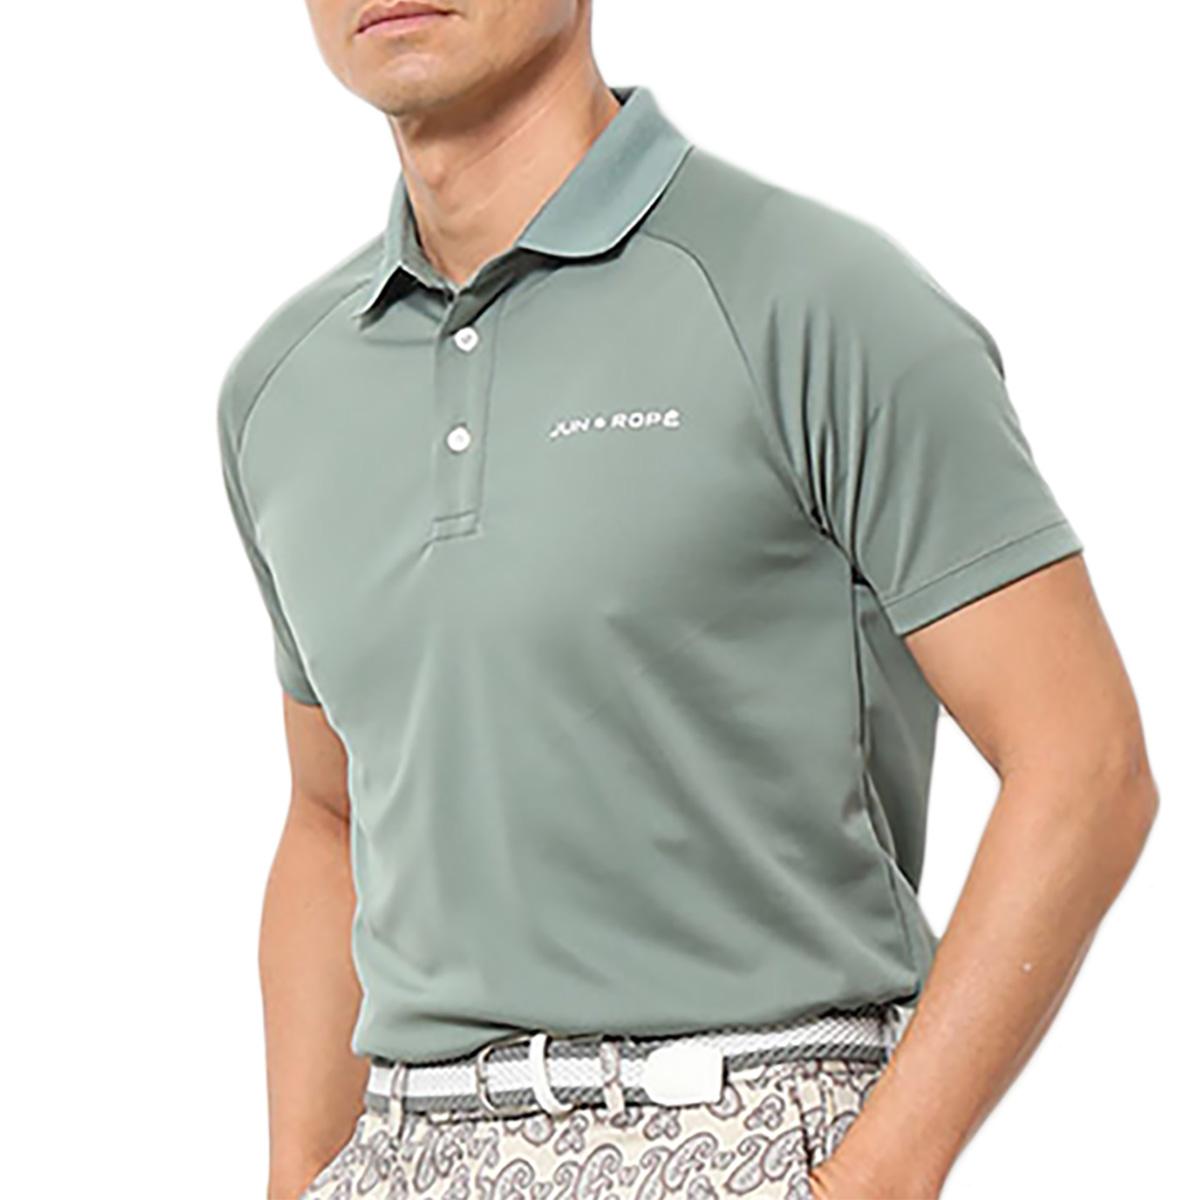 バックカラーブロック半袖ポロシャツ